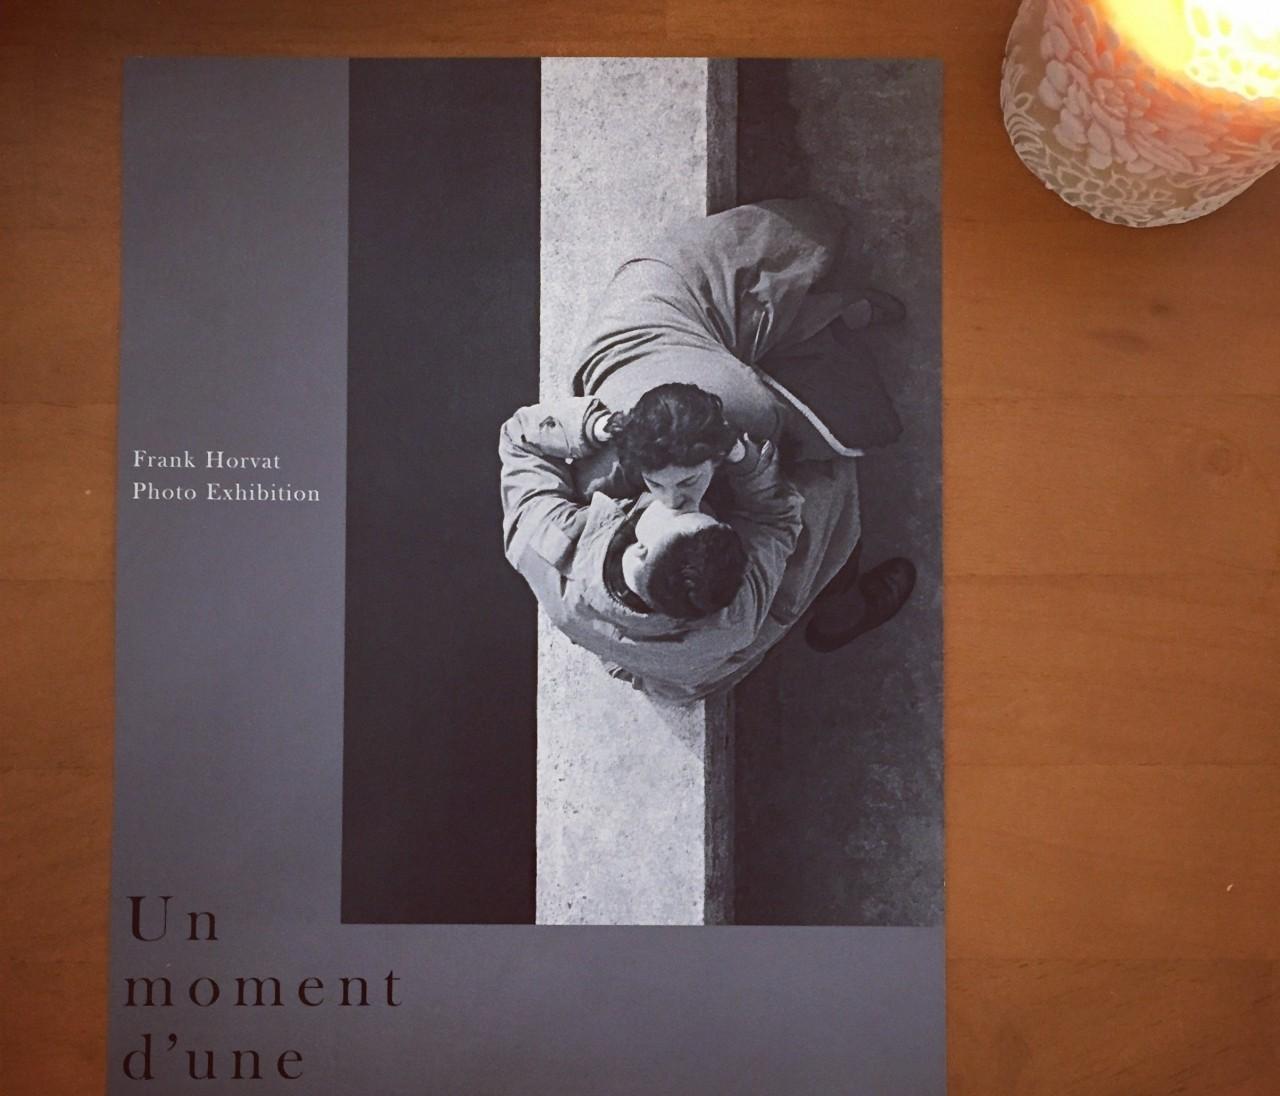 【週末おでかけ】素敵すぎるファッション写真「フランク ホーヴァット写真展」開催中!